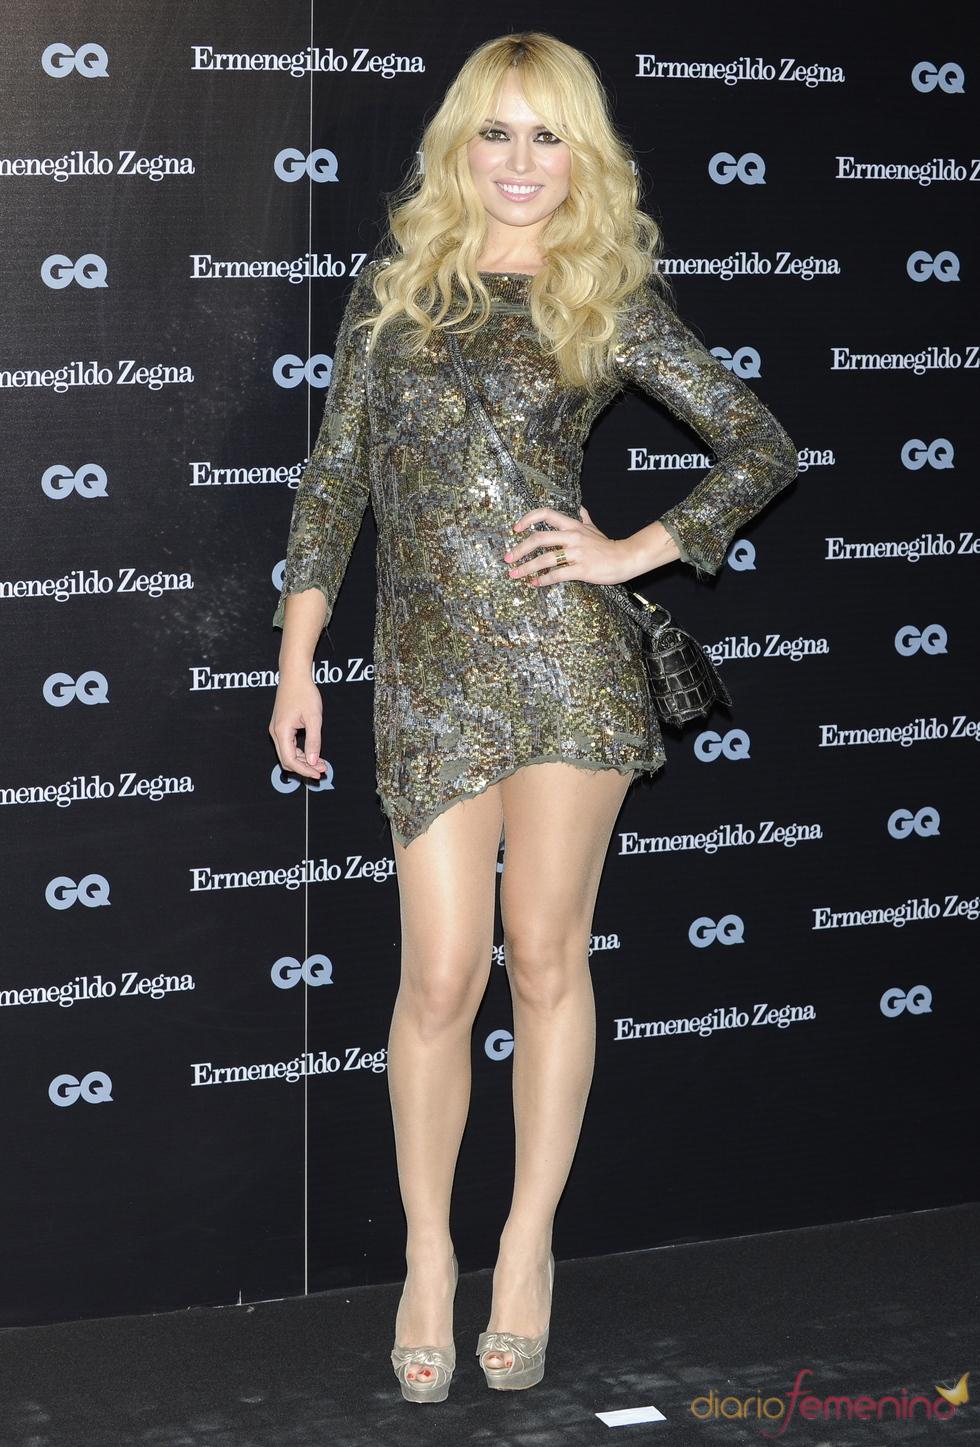 Patricia Conde en los Premios GQ 2010